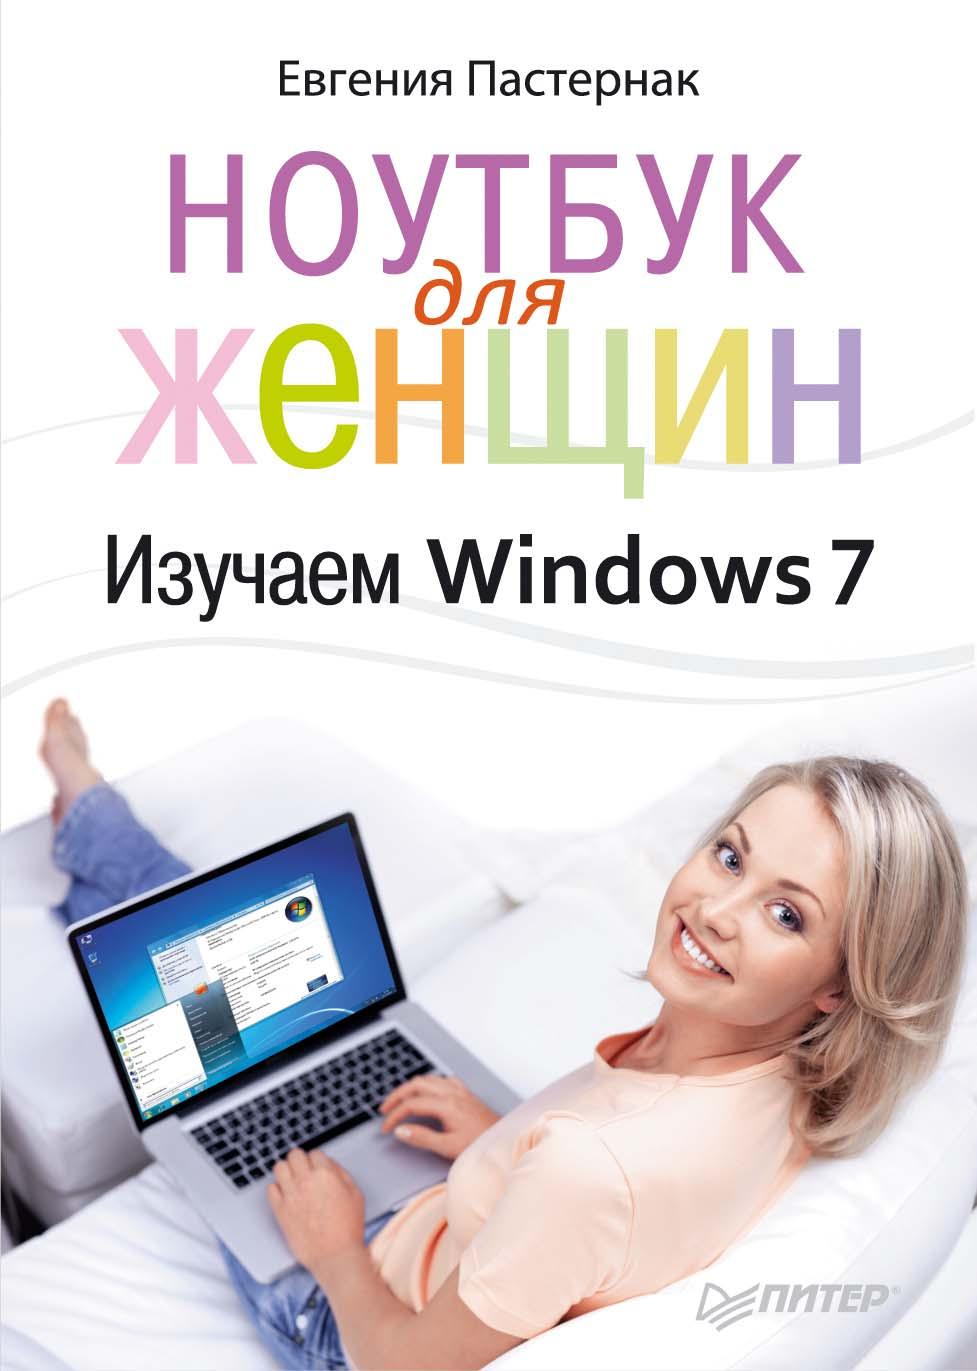 Евгения Пастернак Ноутбук для женщин. Изучаем Windows 7 ноутбук без напряга изучаем windows 7